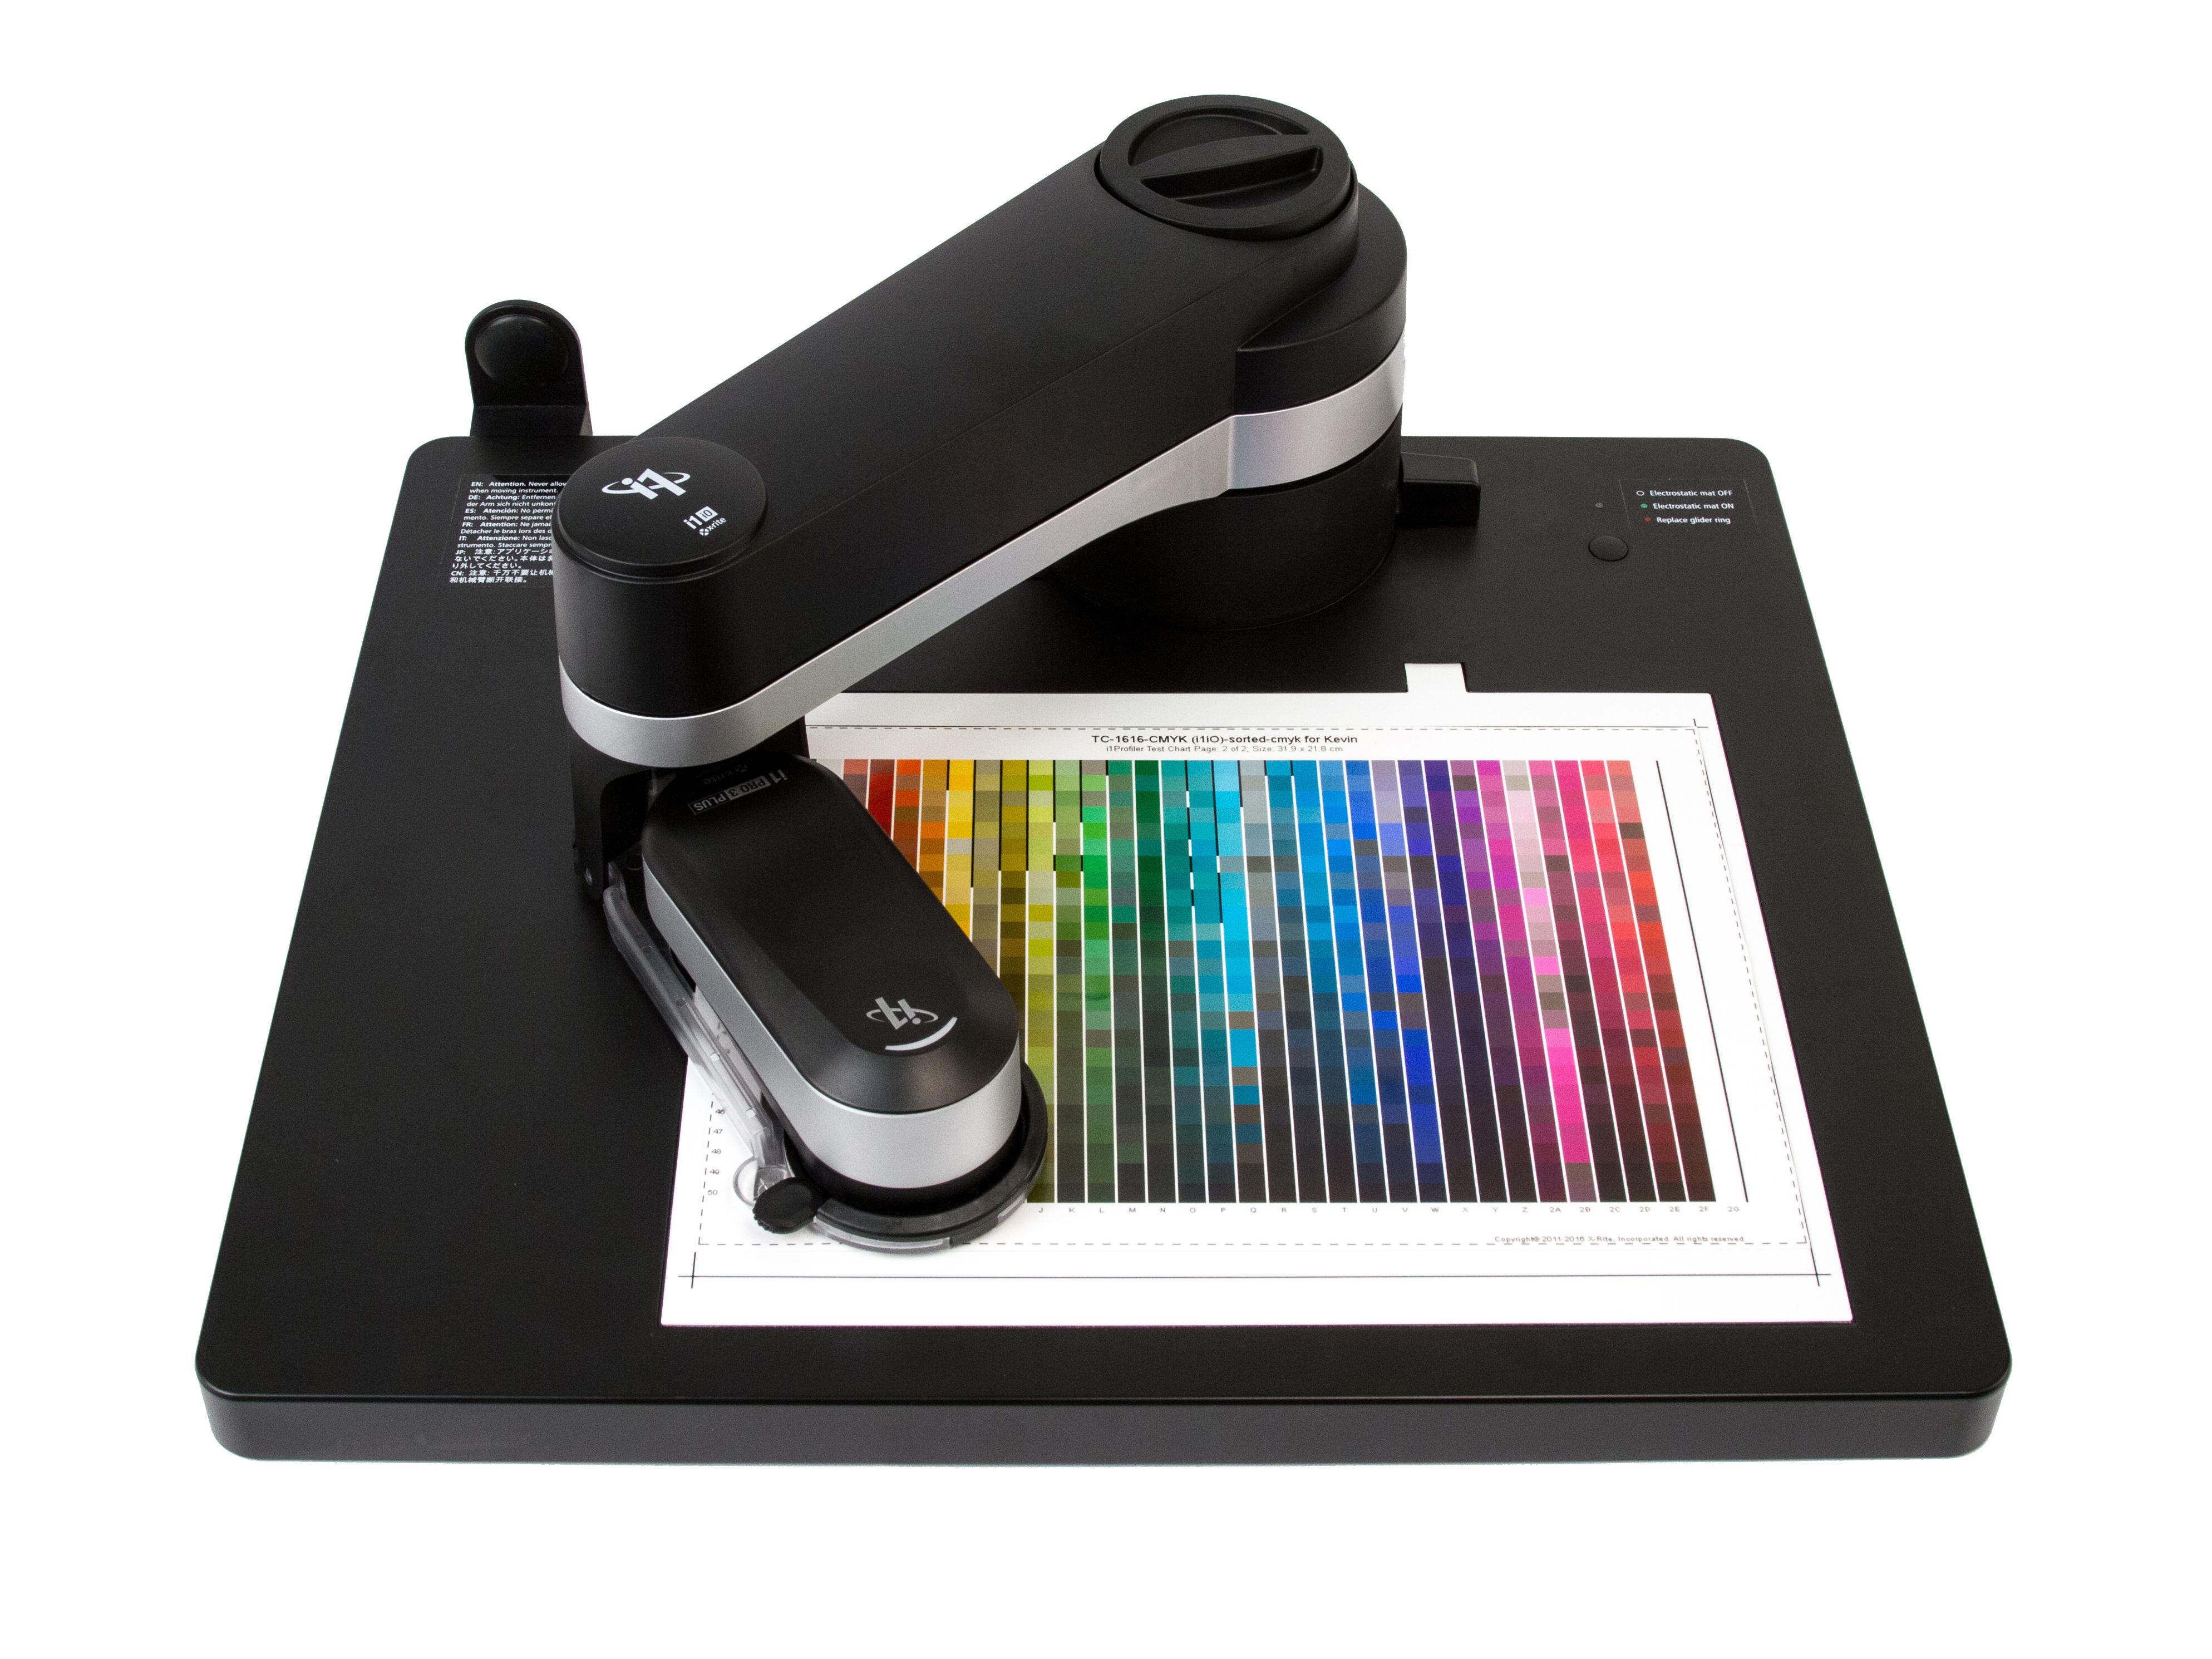 X-Rite's i1Photo Pro 3 Plus profiler can calibrate for